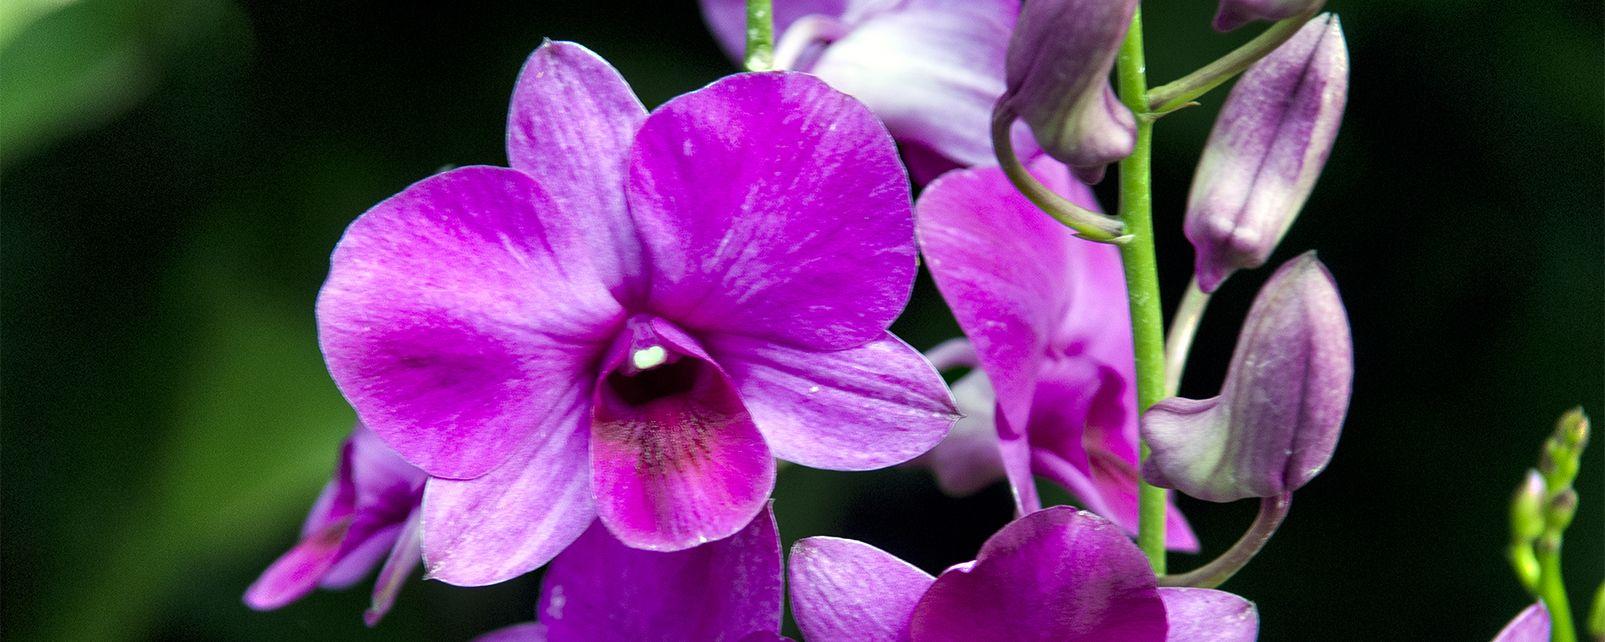 Le jardin botanique, Les jardins botaniques, Les parcs naturels et jardins, Singapour